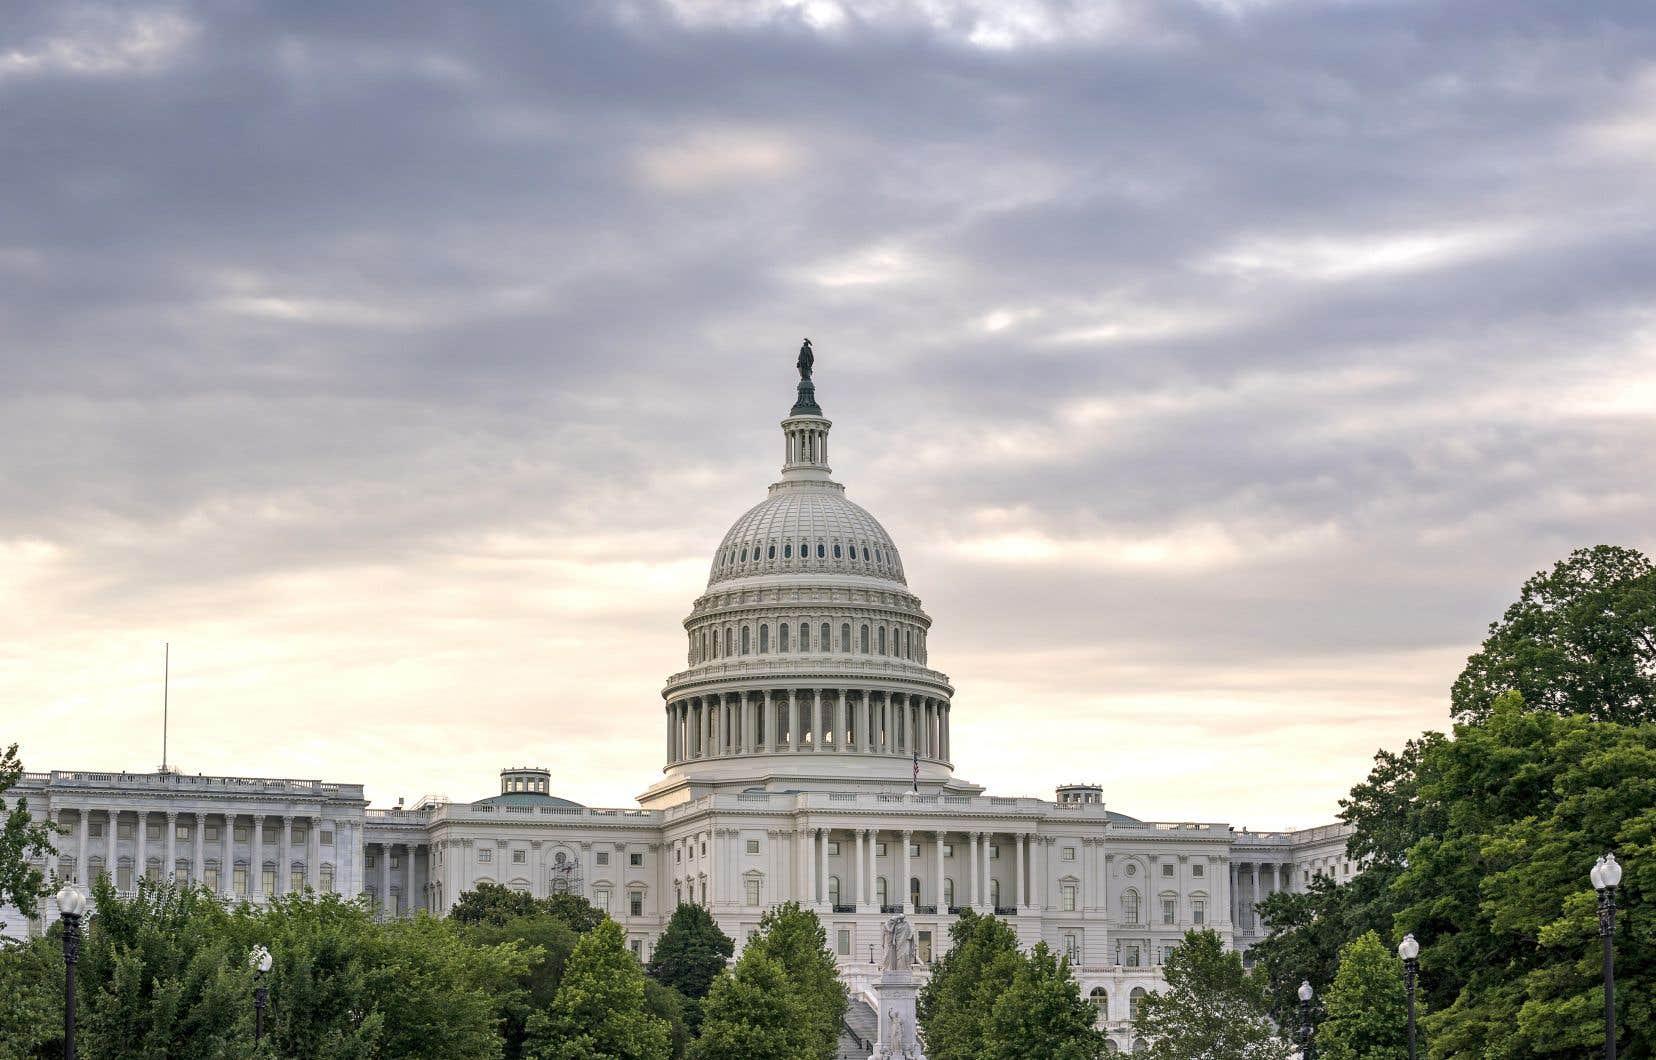 Il fallait dix voix républicaines ajoutées aux 50 sénateurs démocrates pour franchir un vote de procédure et parvenir ensuite au vote final sur la création d'une commission d'enquête sur l'attaque du 6 janvier.